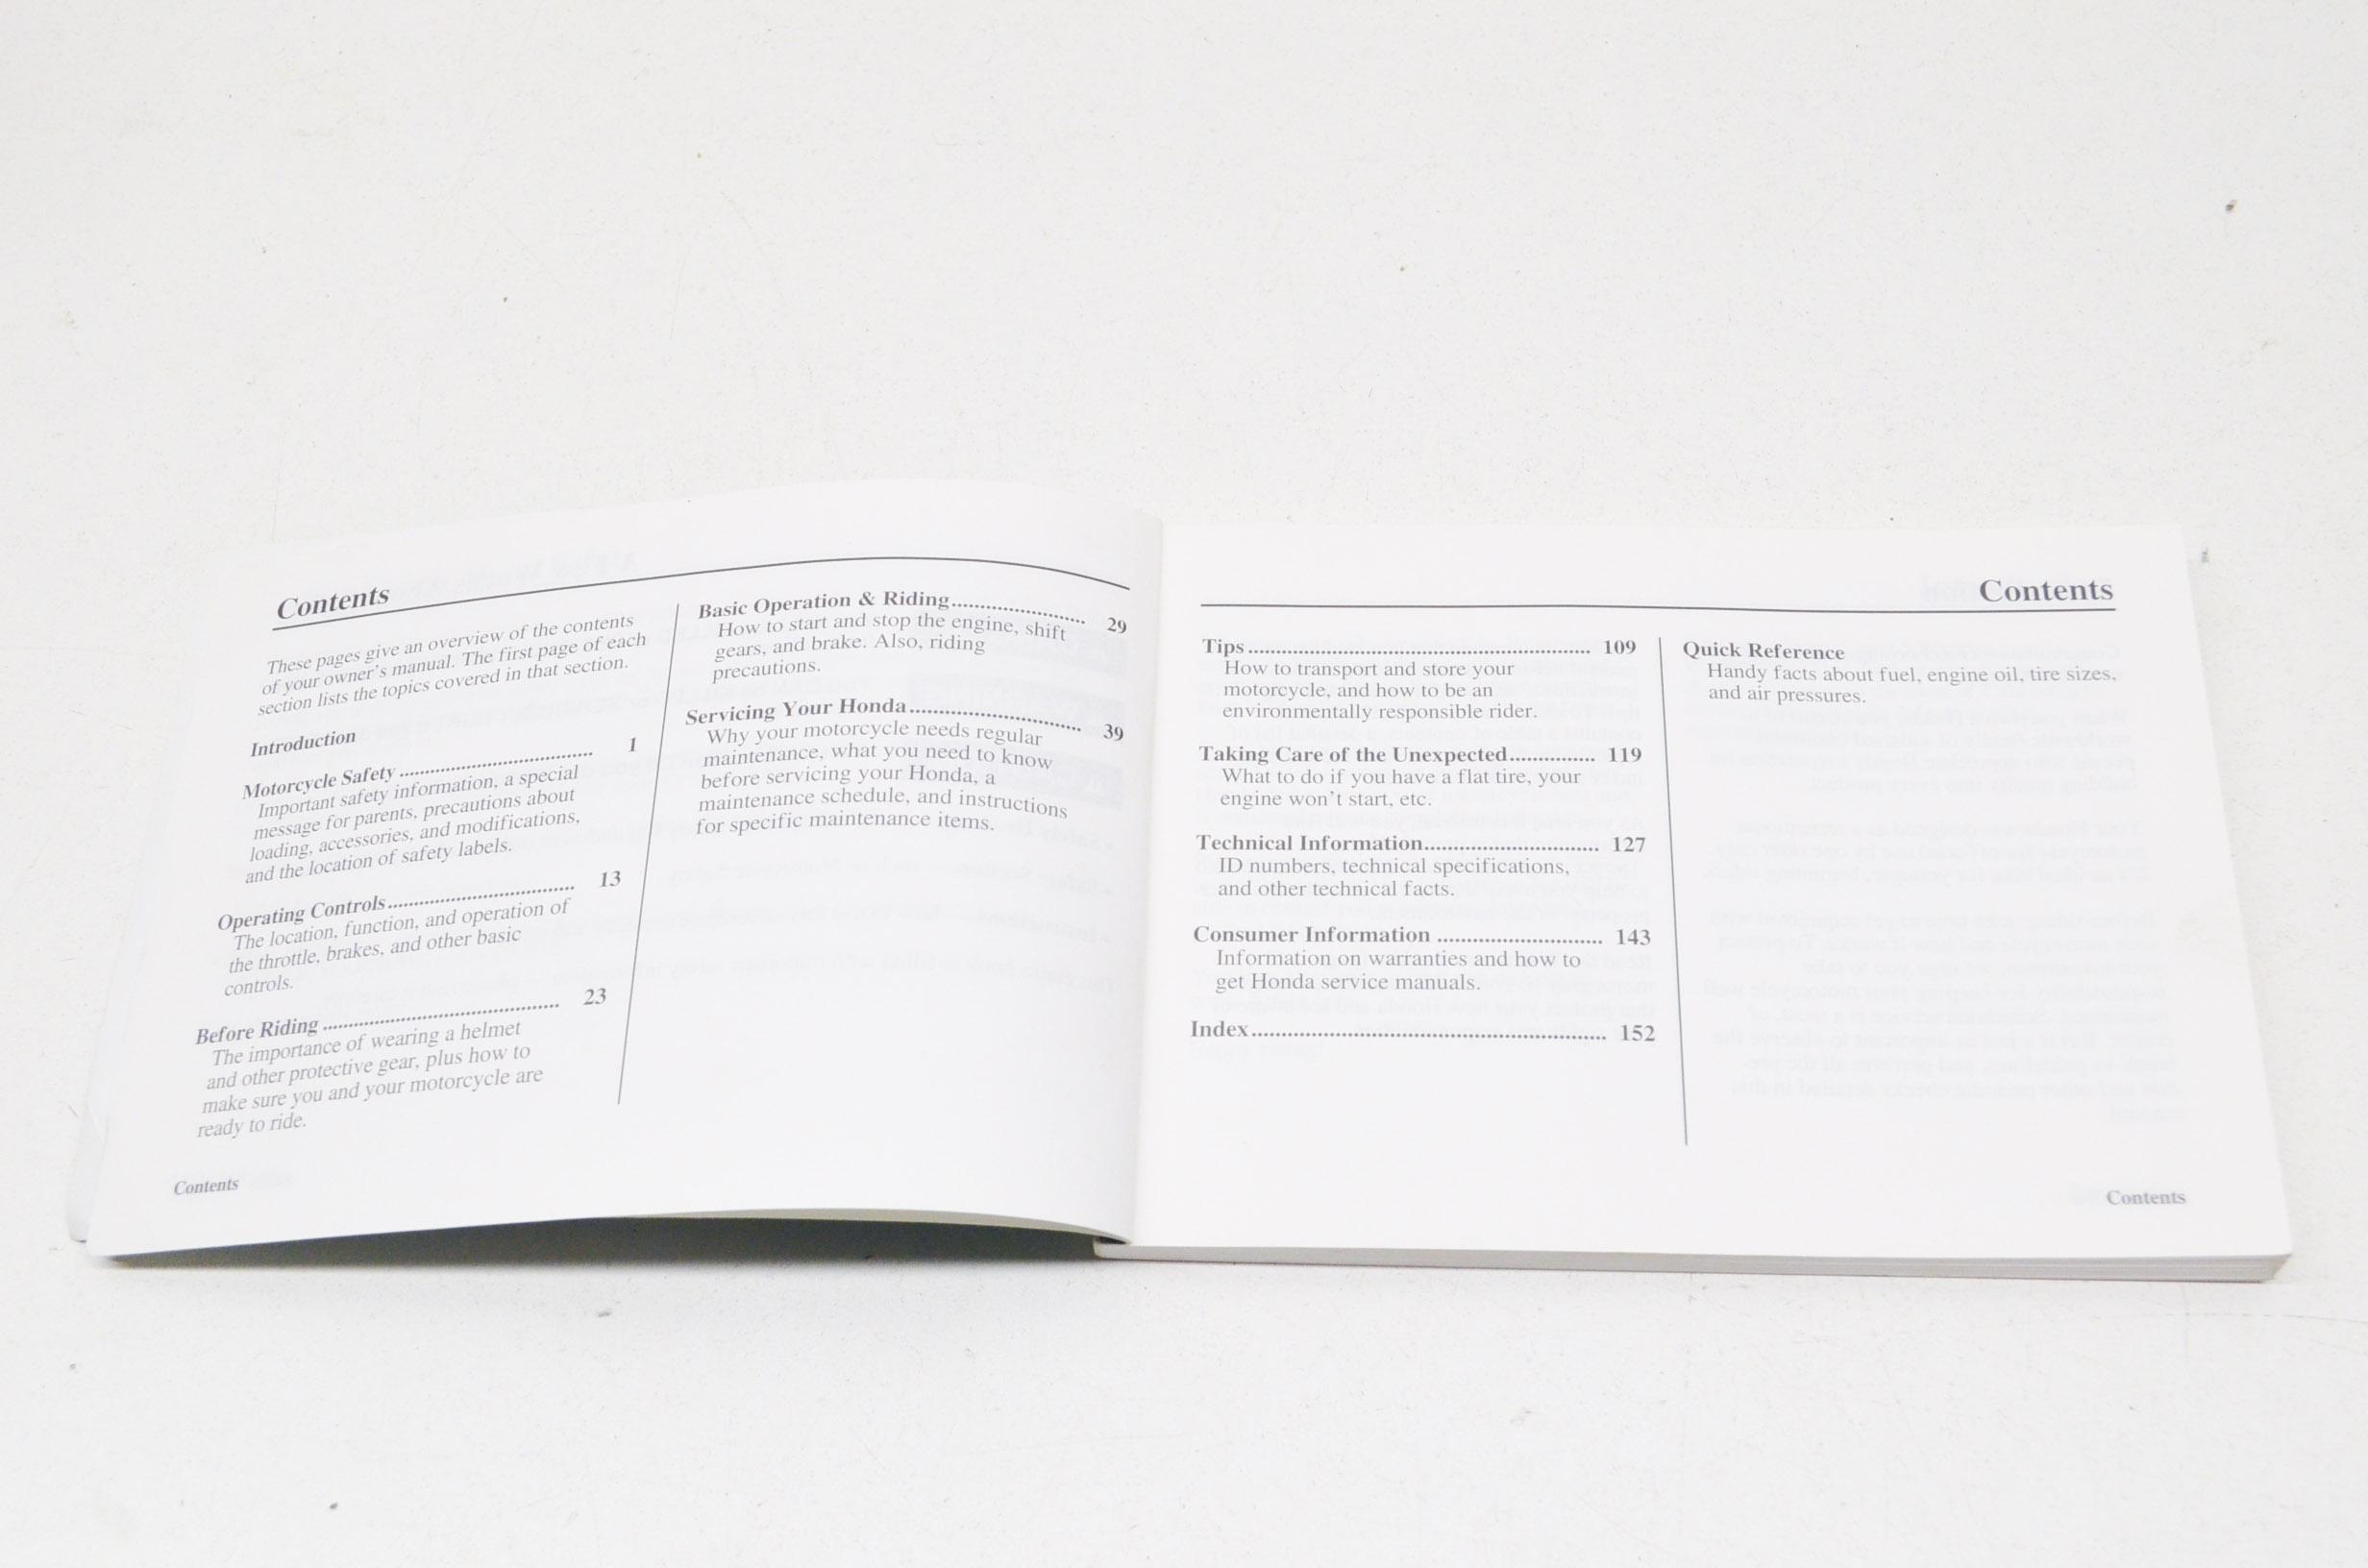 OEM Honda 31GCF730, 00X31-GCF-7300 Owner's Manual CRF70F